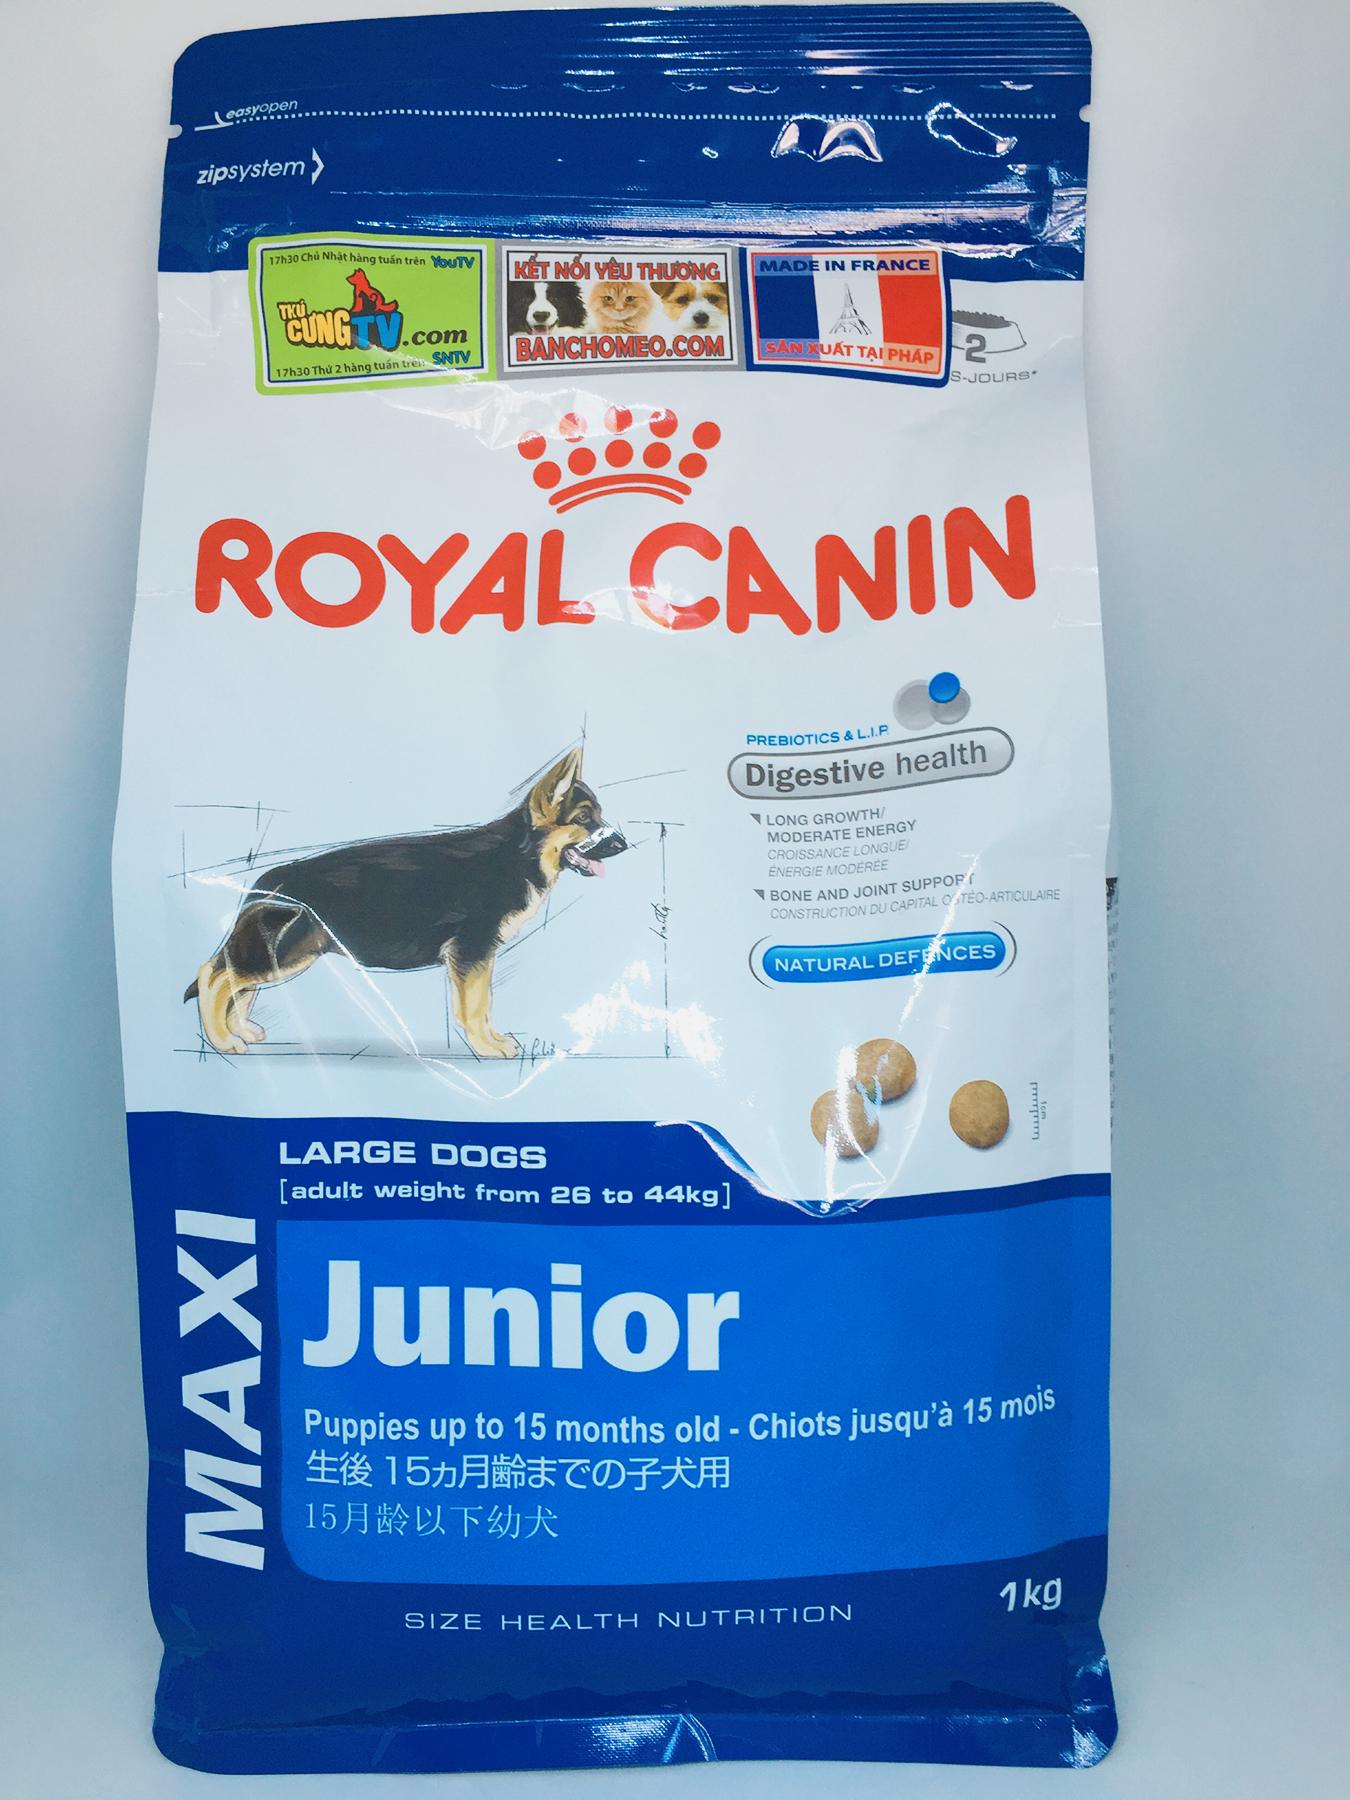 Royal Canin - Thức ăn hạt cho chó Pet Nha Trang